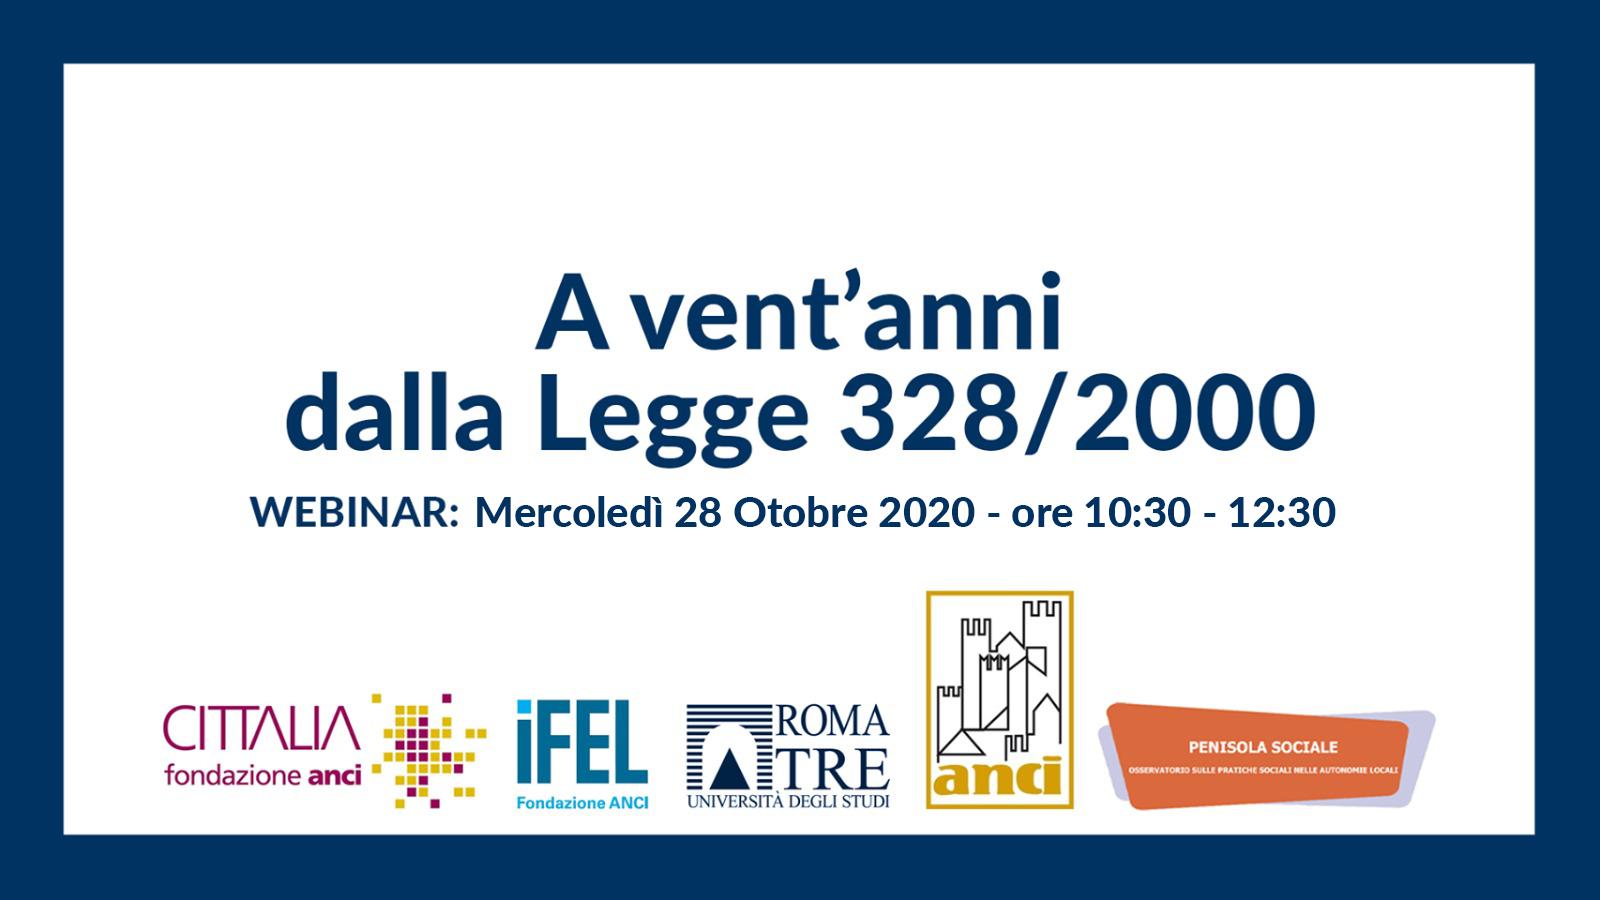 A vent'anni dalla Legge 328/2000 – WEBINAR: Mercoledì 28 ottobre 2020